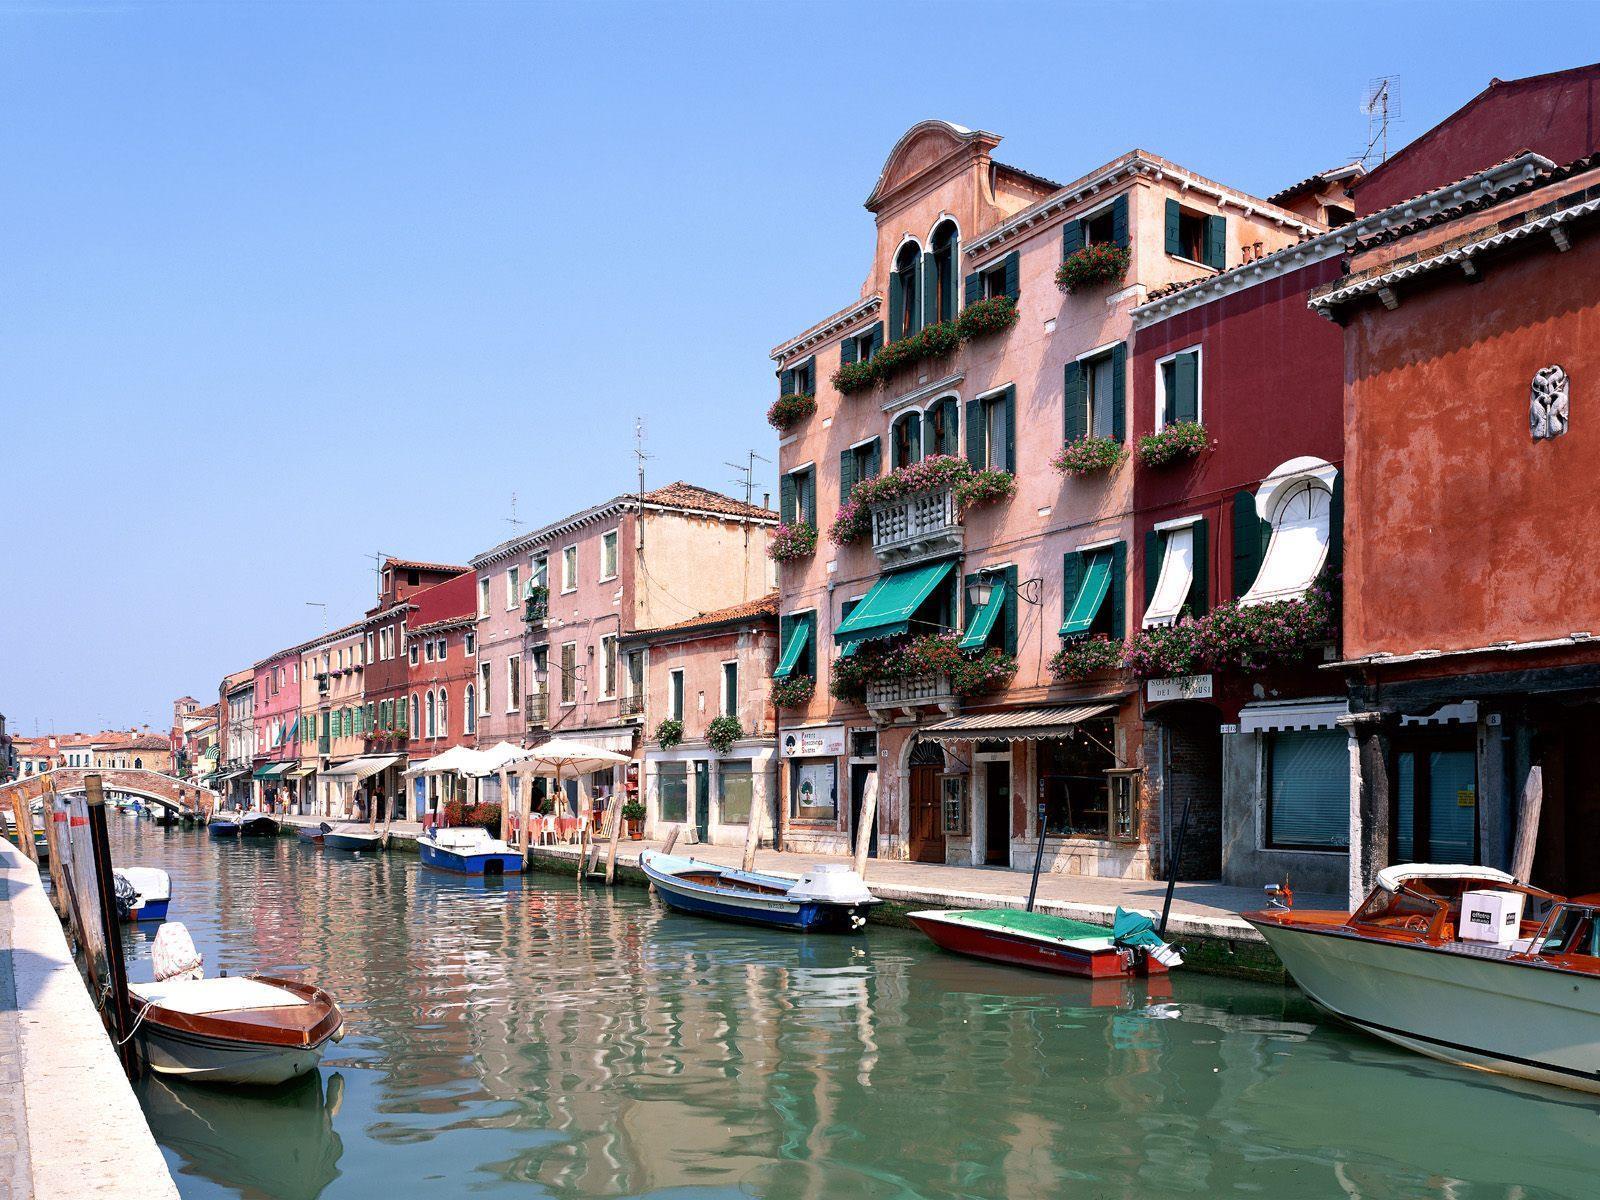 Italie_Murano-Venice-Italy